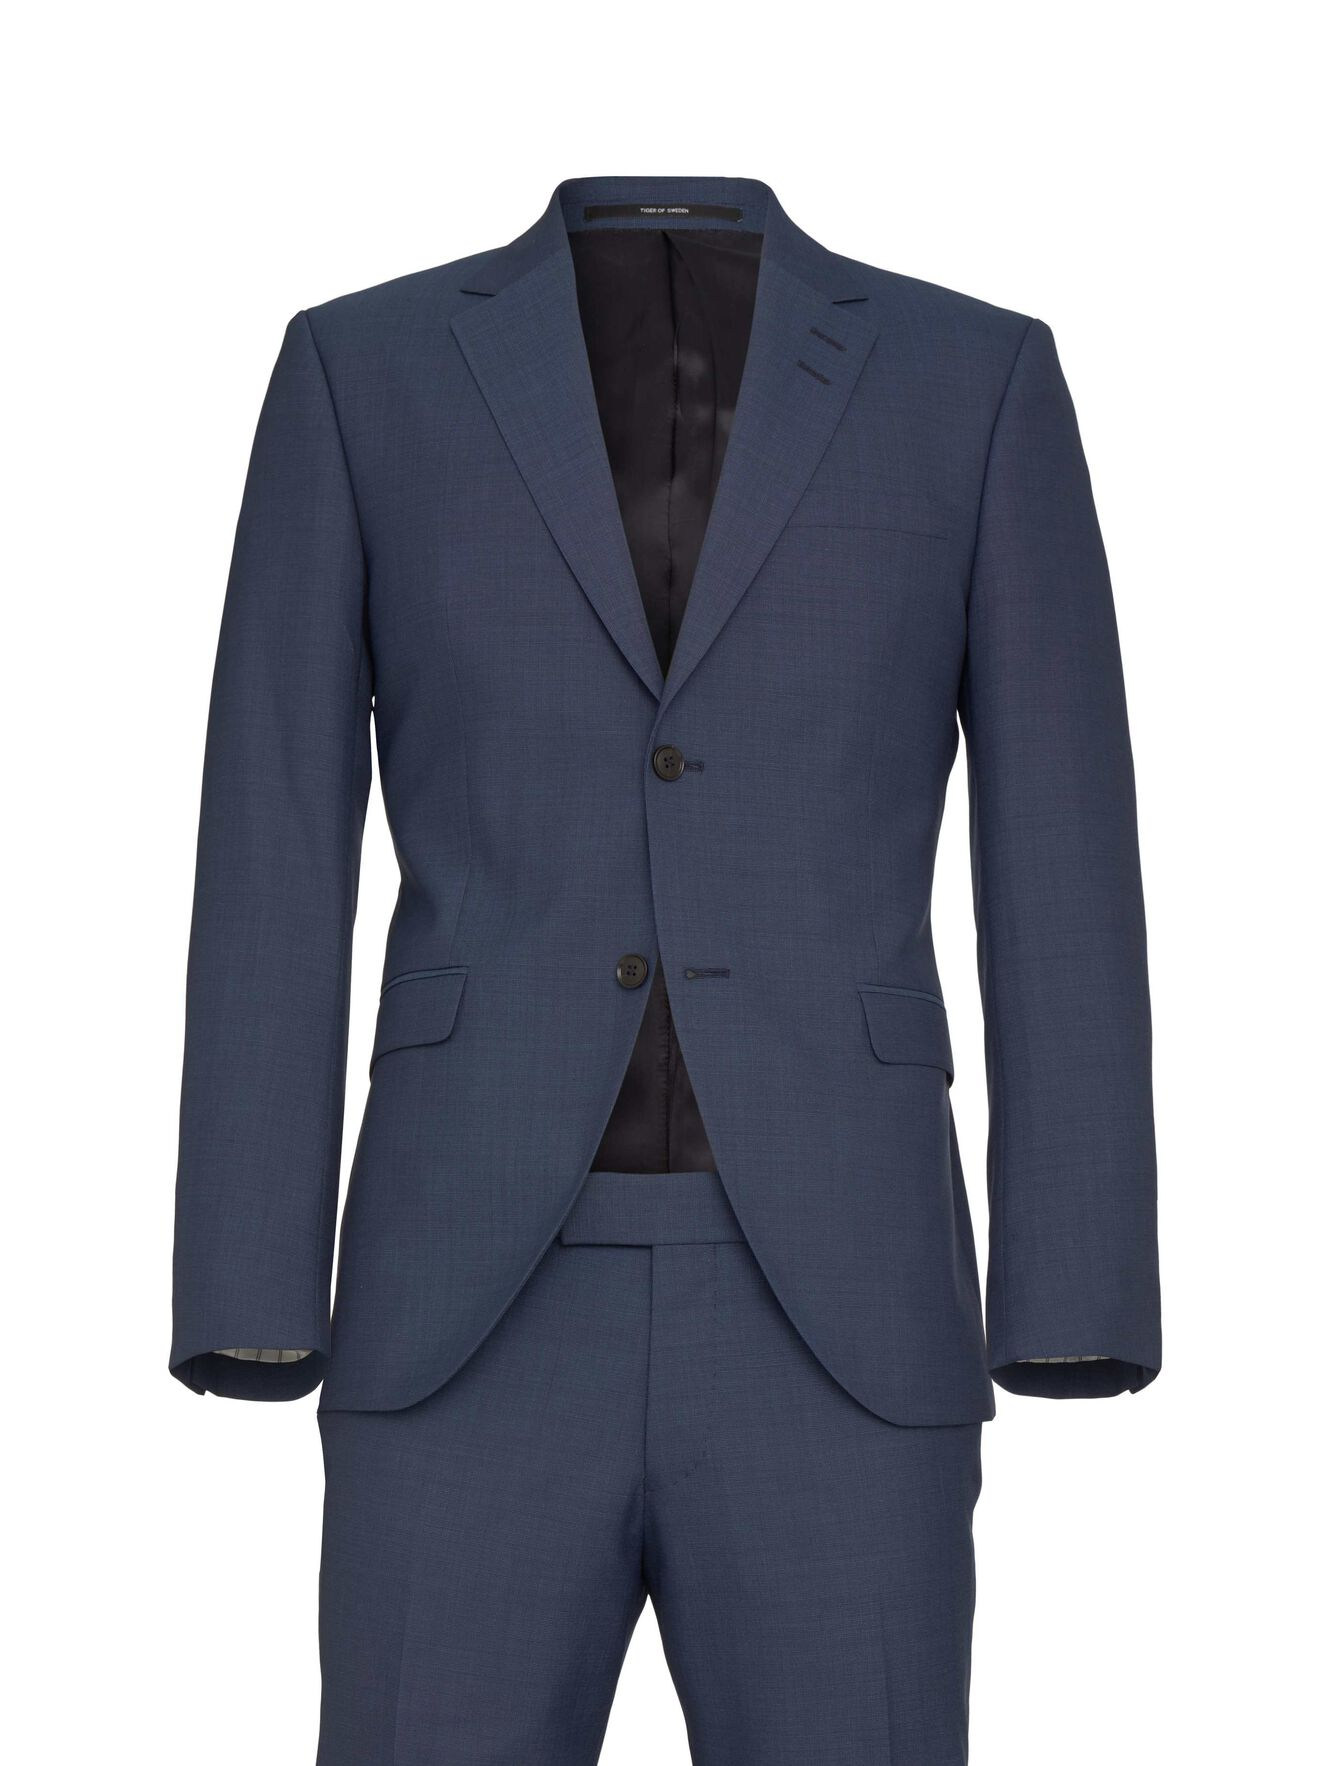 S.Jamonte Suit in Mystic Ocean from Tiger of Sweden